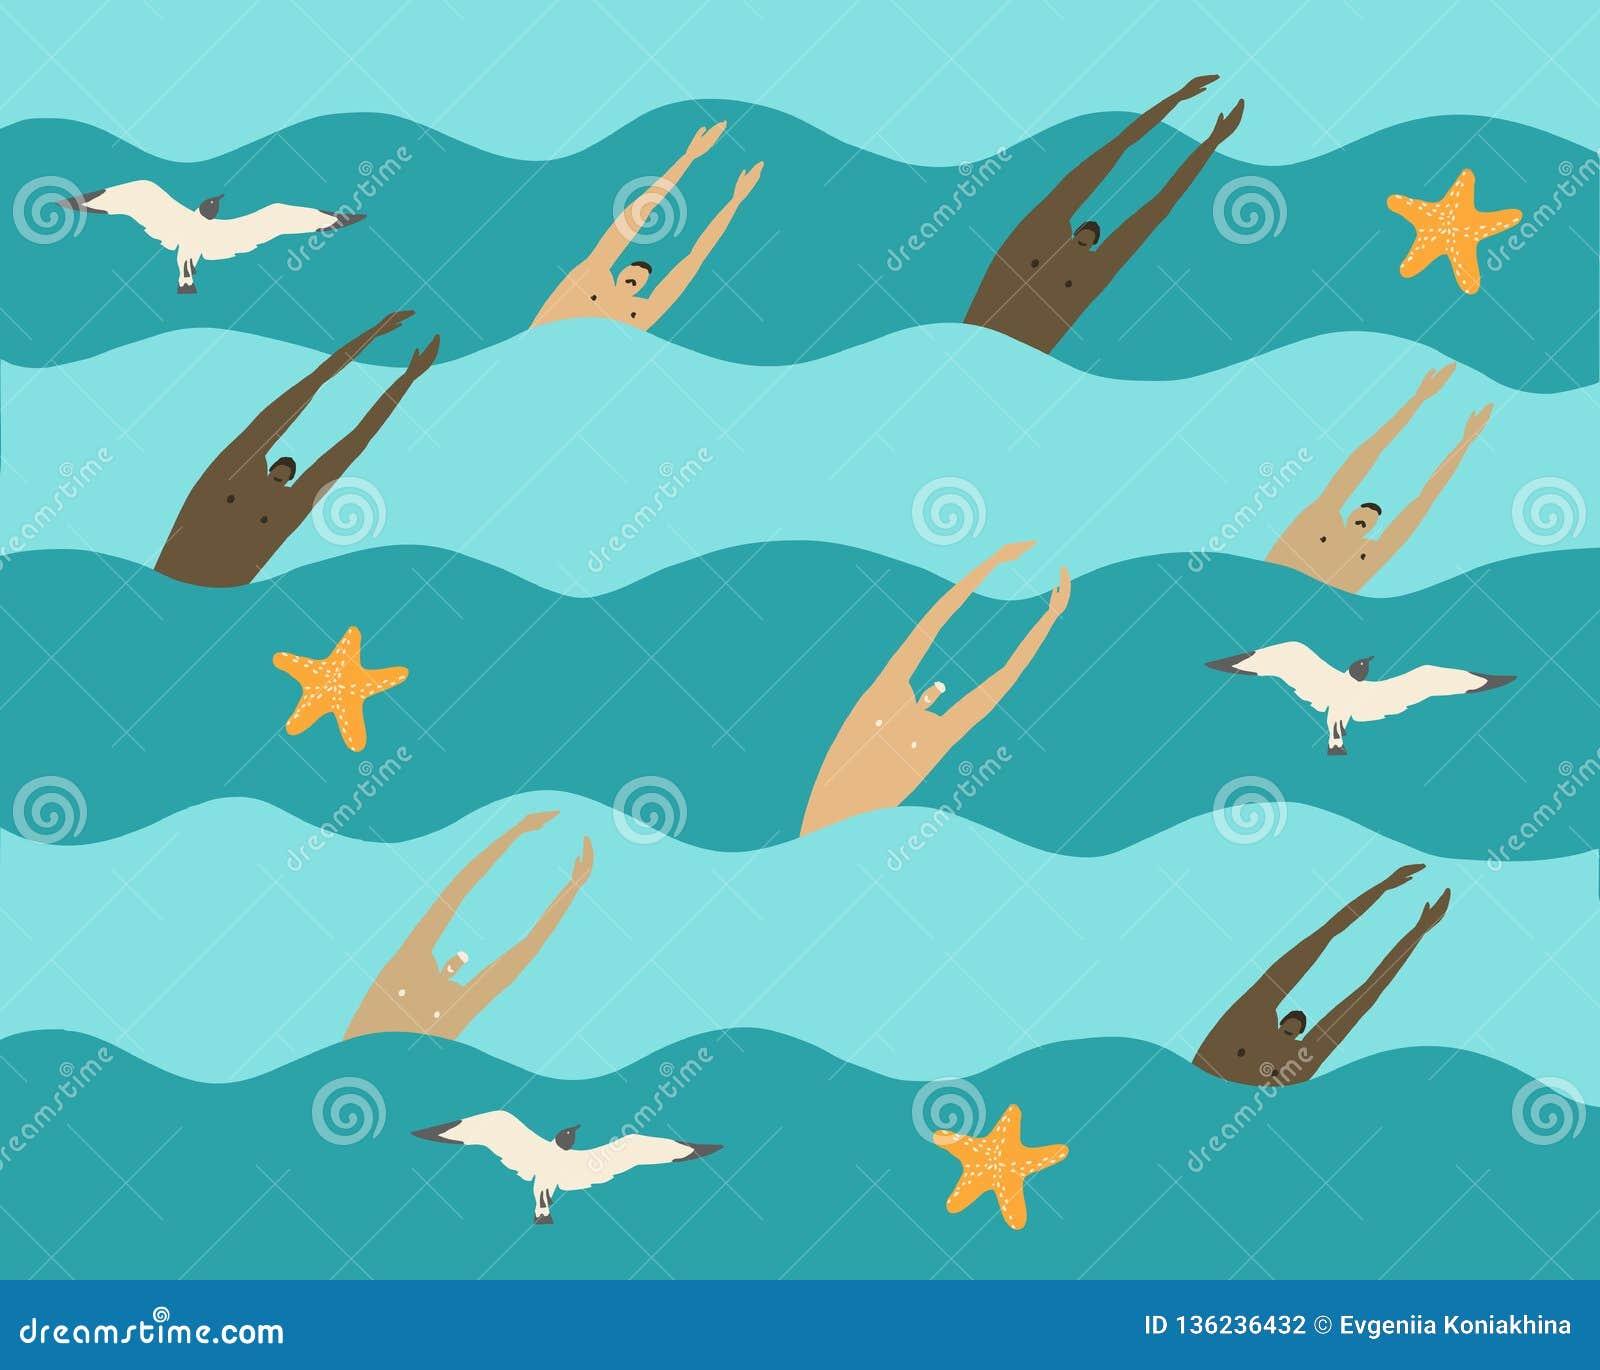 Los hombres nadan en el mar